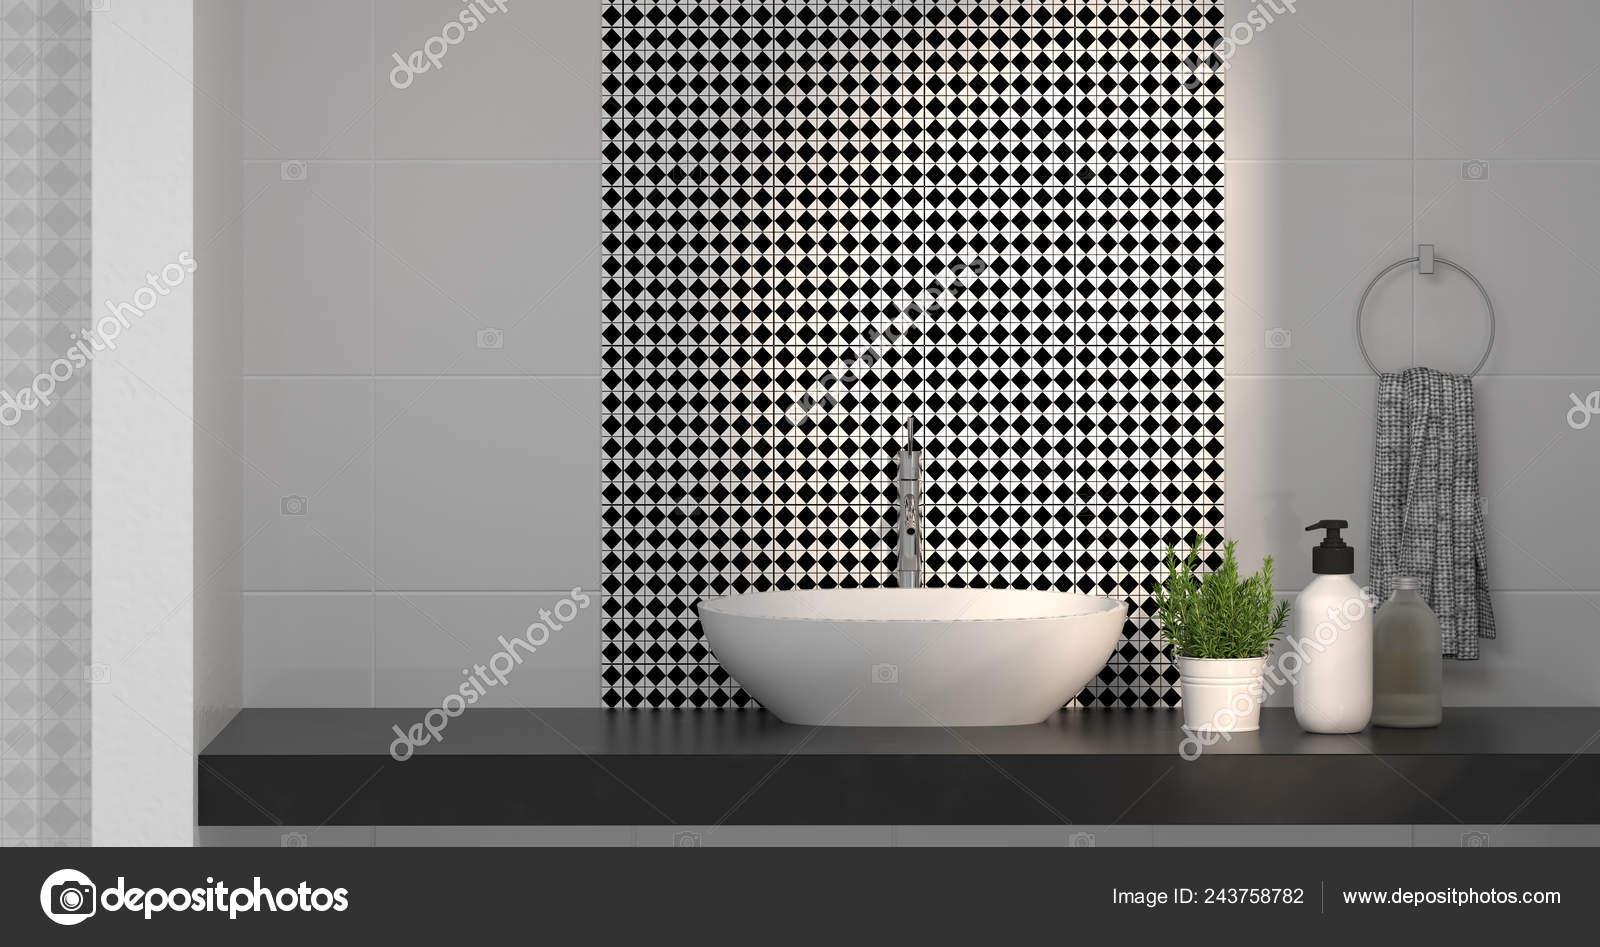 Diseño Interiores Moderno Cuarto Baño Fregadero Ducha Hogar